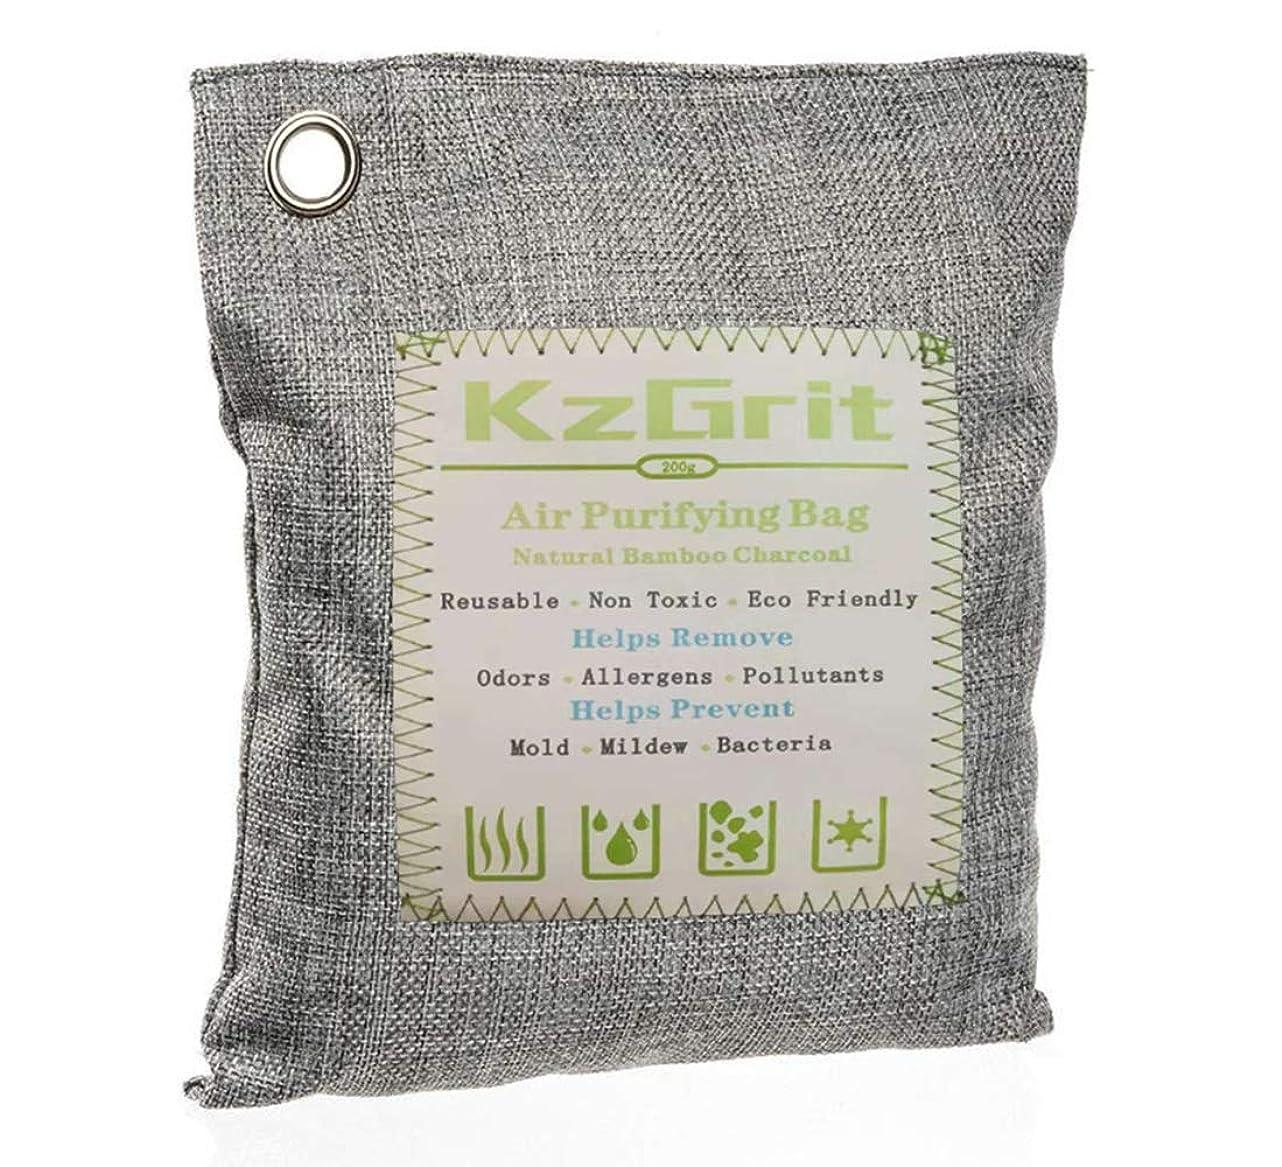 軽食構成する訴えるKzGrit 竹炭バッグ 消臭 除湿 200g 脱臭剤 空気清浄 無毒 無香料 繰り返し使用可能 環境にやさしい 車内、ペットエリア、部屋、クローゼット、梅雨など湿気の多い季節などで使用可能(グレー)